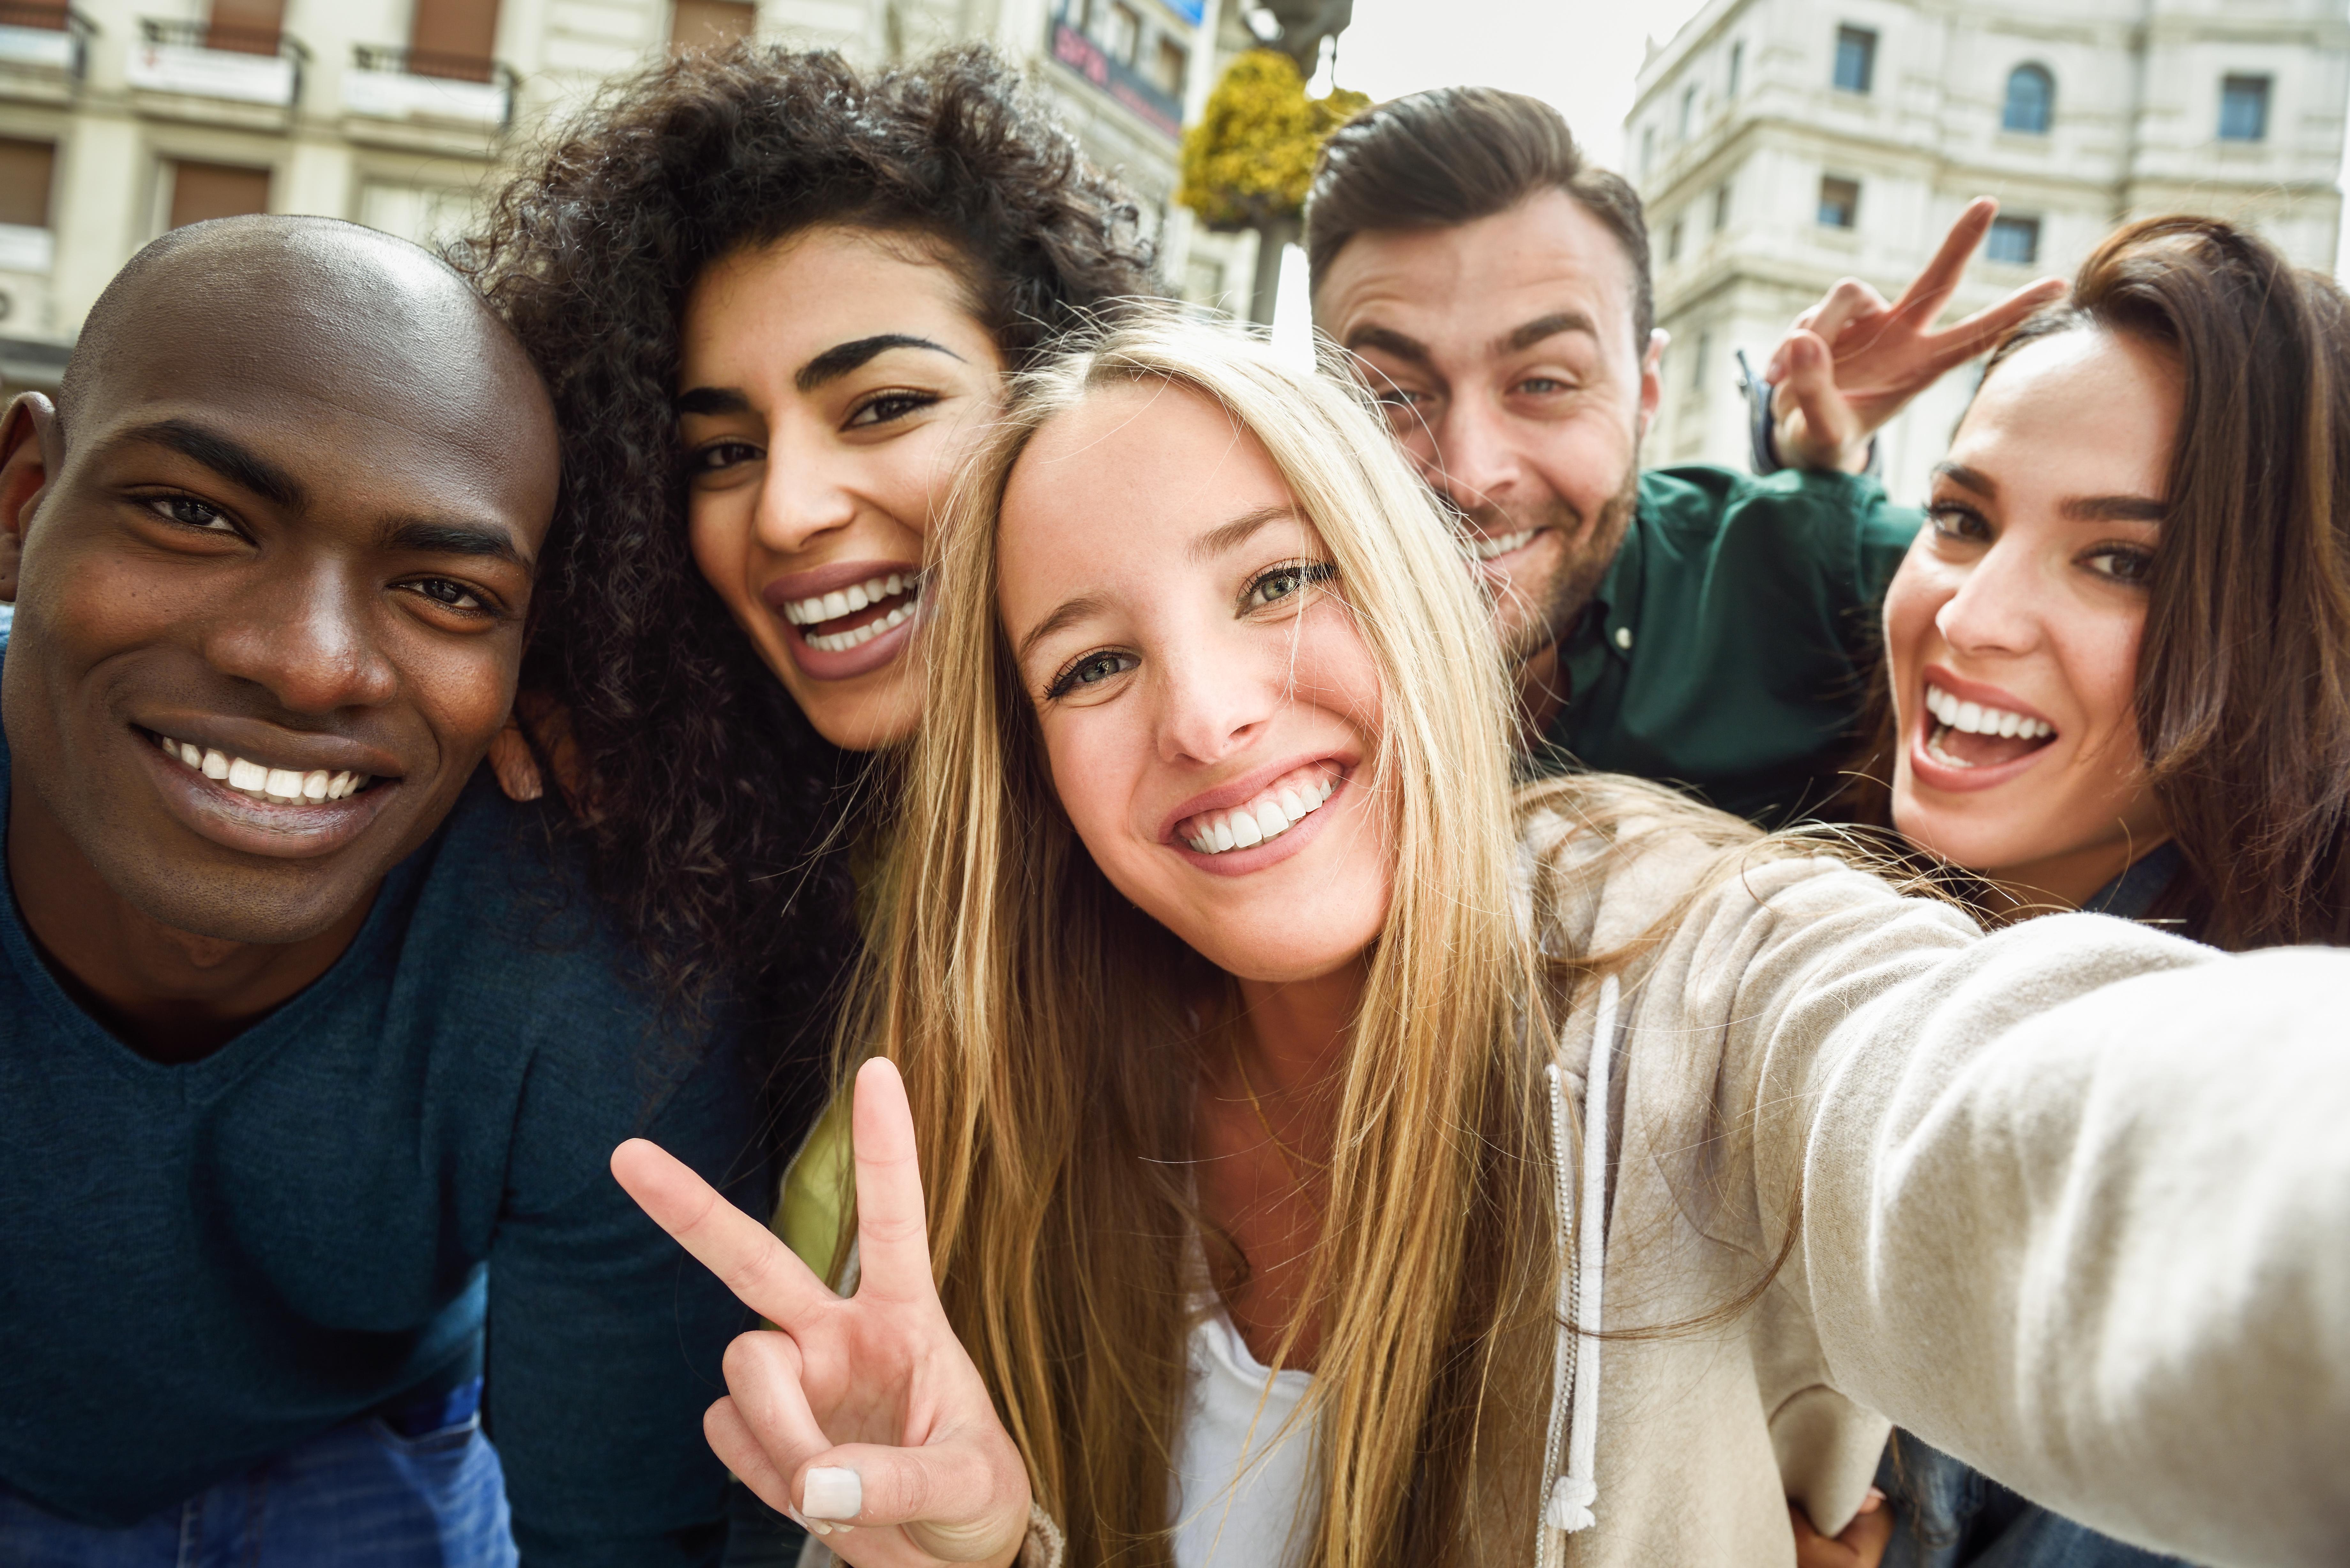 Settimana Europea della Gioventù: grande affluenza di giovani